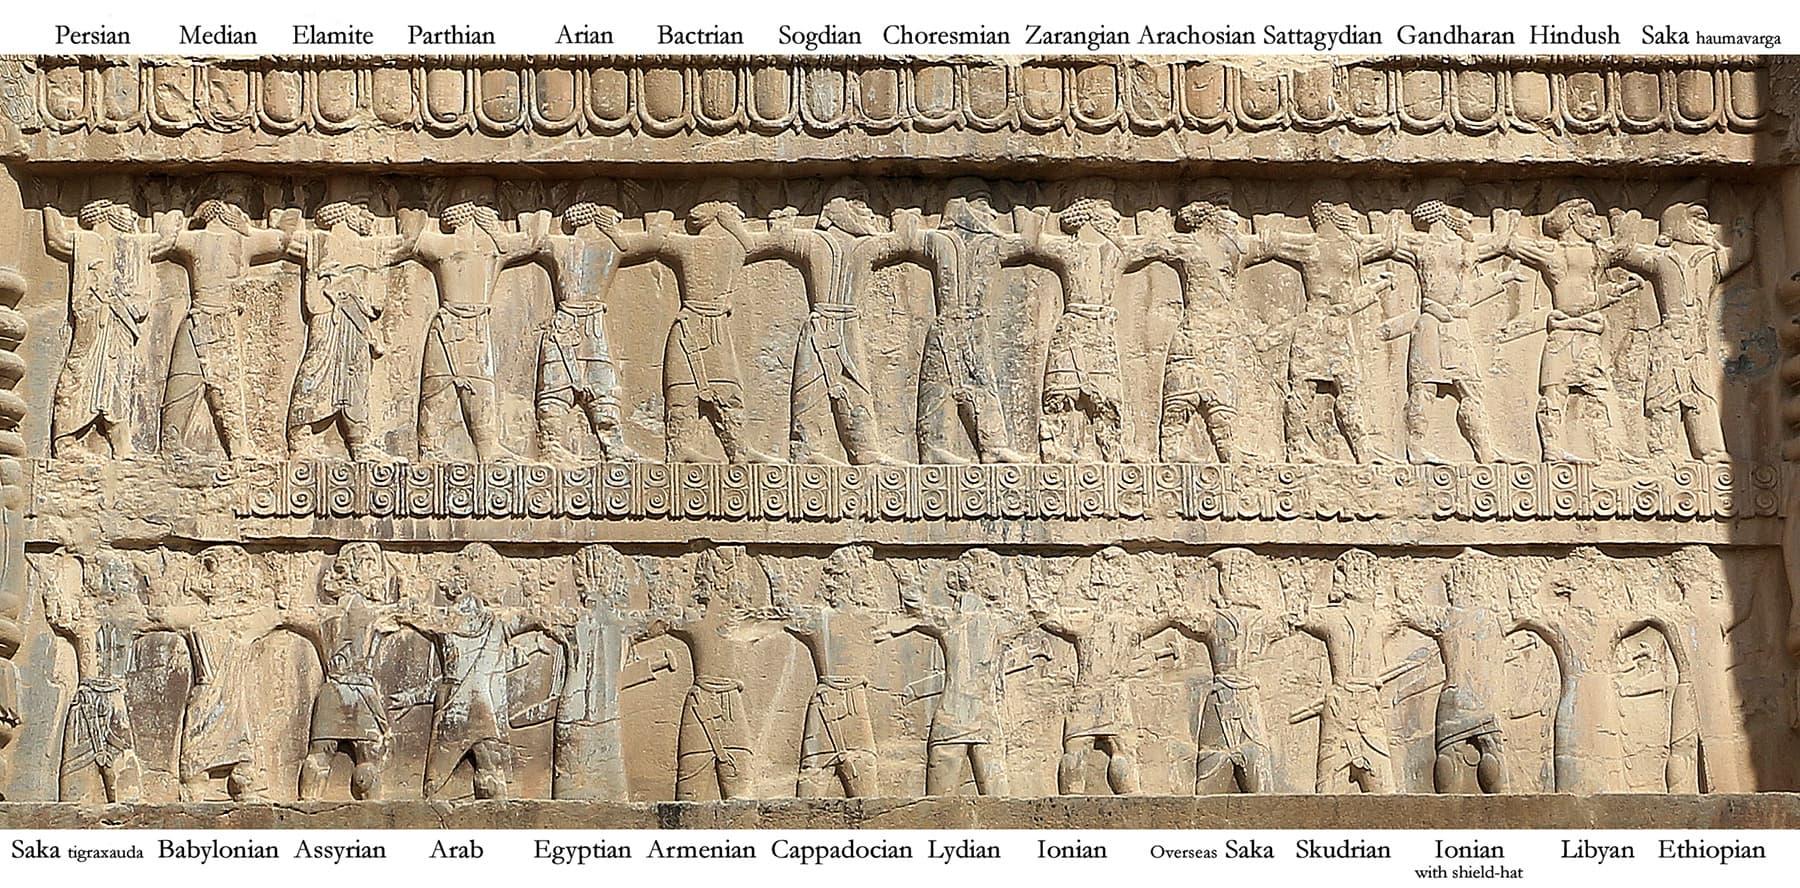 ہخامنشی سلطنت کی فوج میں شامل مخلتف خطوں کے سپاہی کی شبیہات